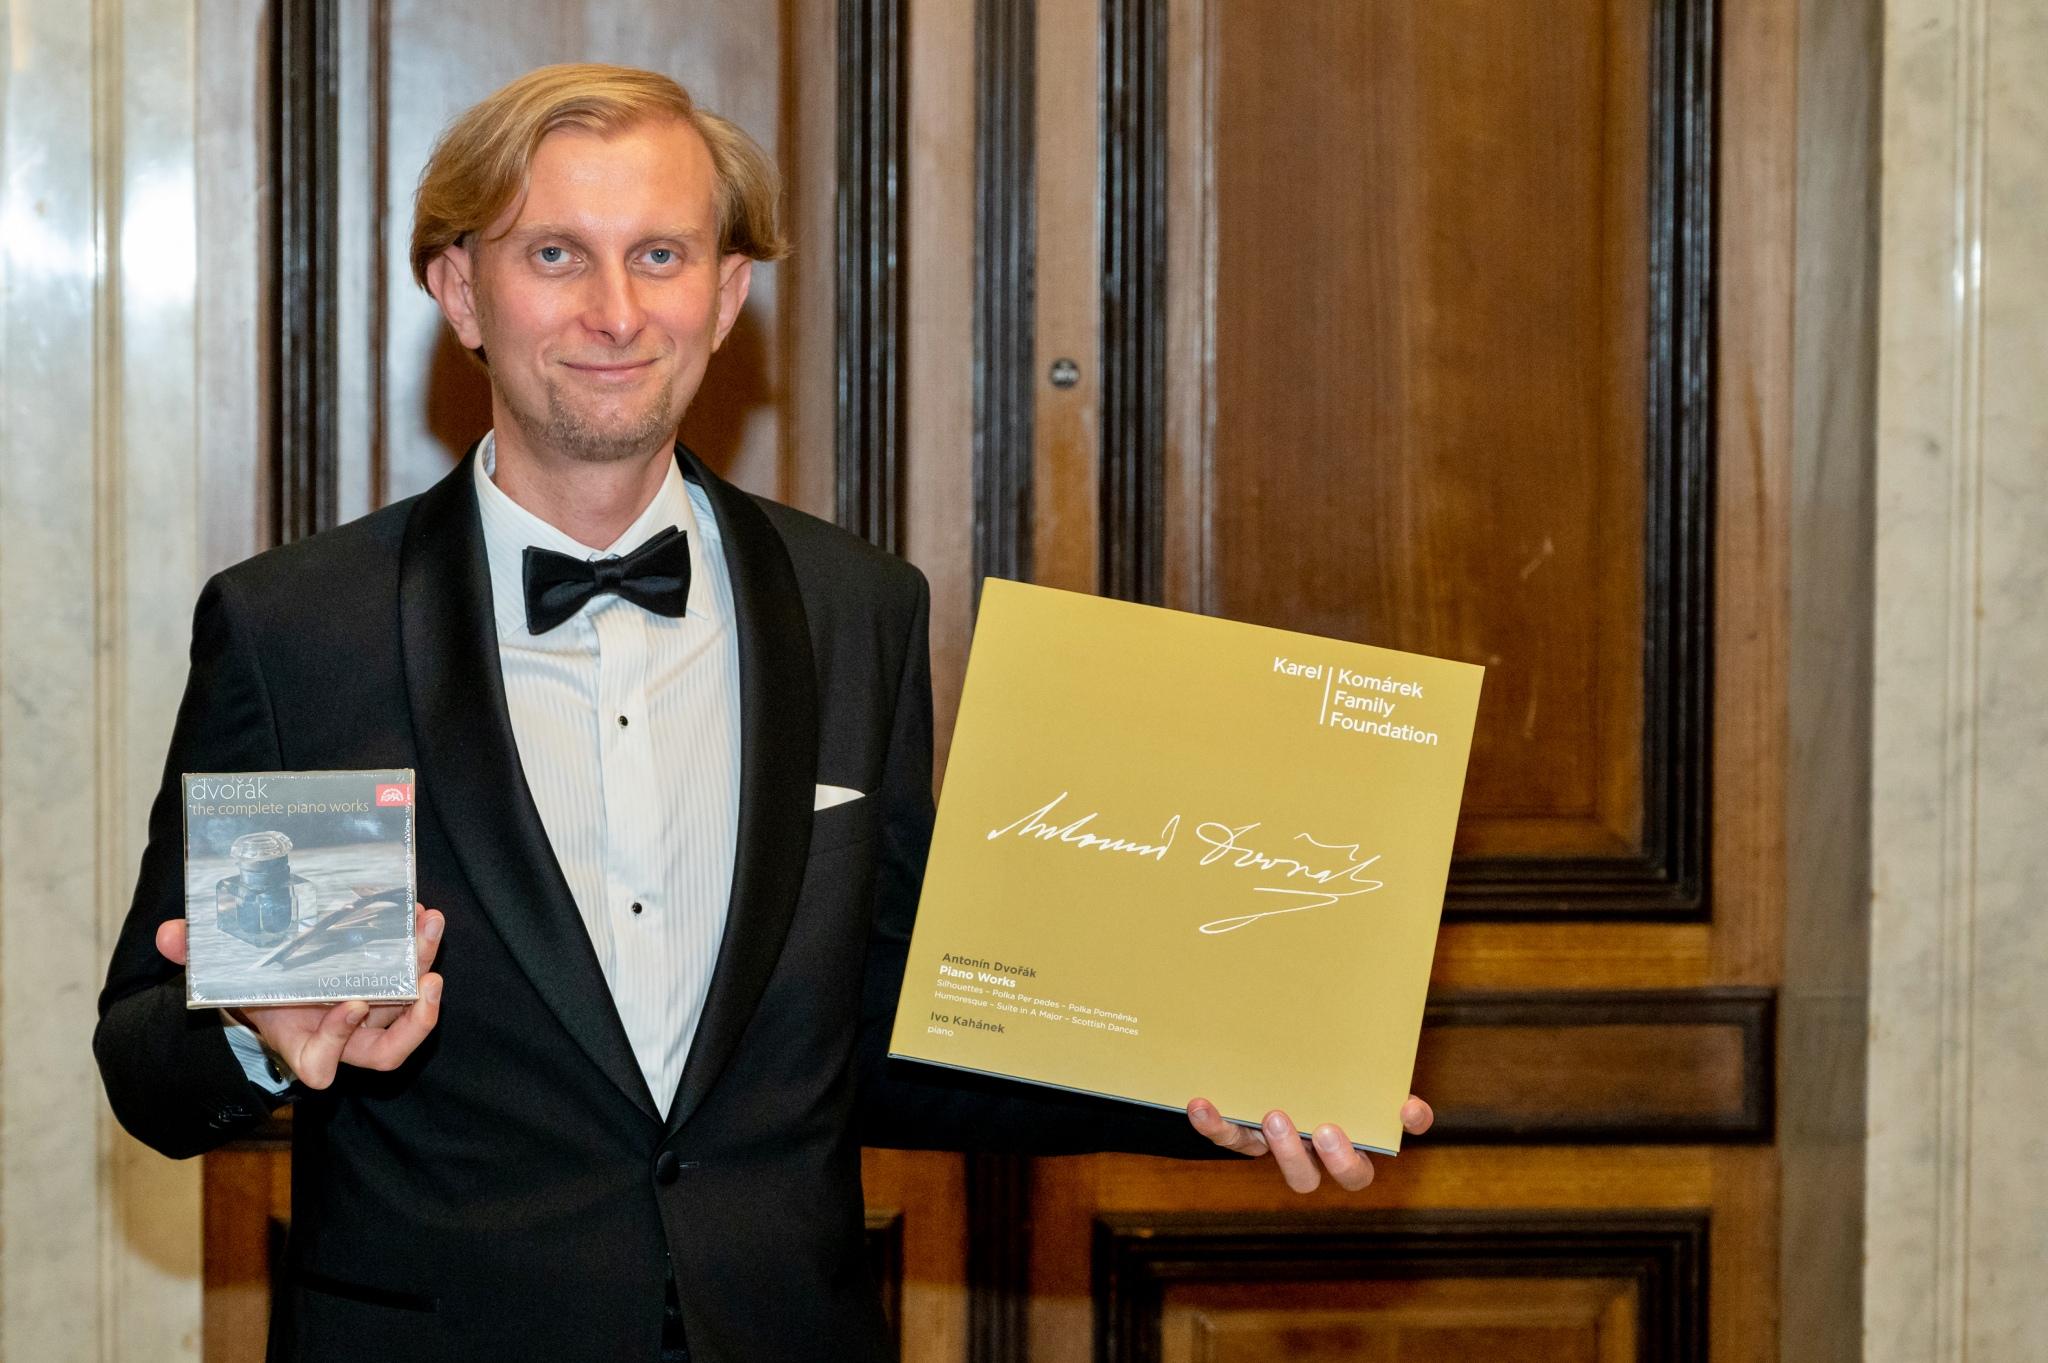 Pianist Kahánek spielt komplettes Klavierwerk von Dvořák ein